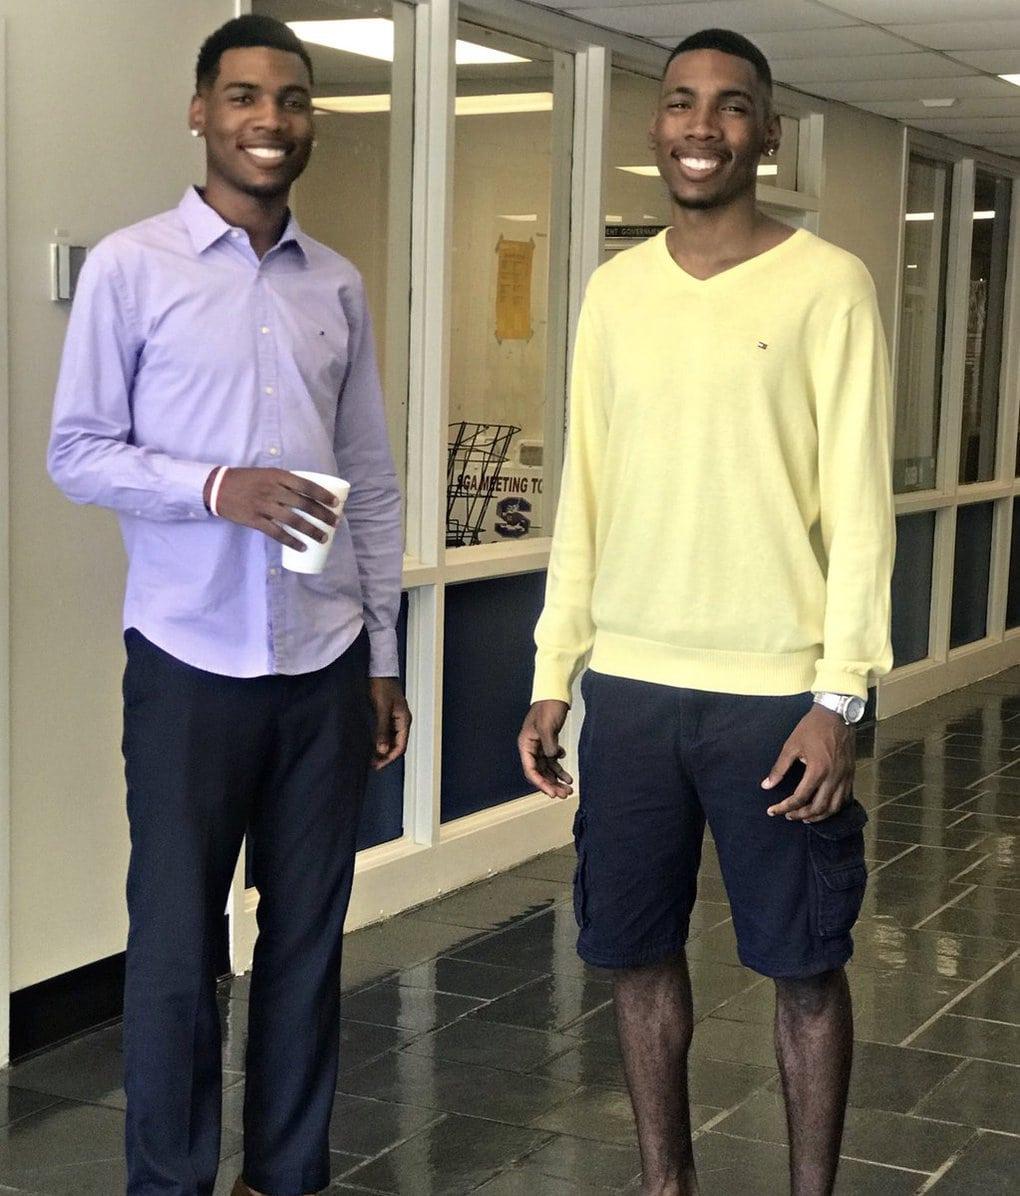 Эти близнецы на фото различаются всего одной деталью — наличием улыбки. Но есть во всем этом один подвох 11